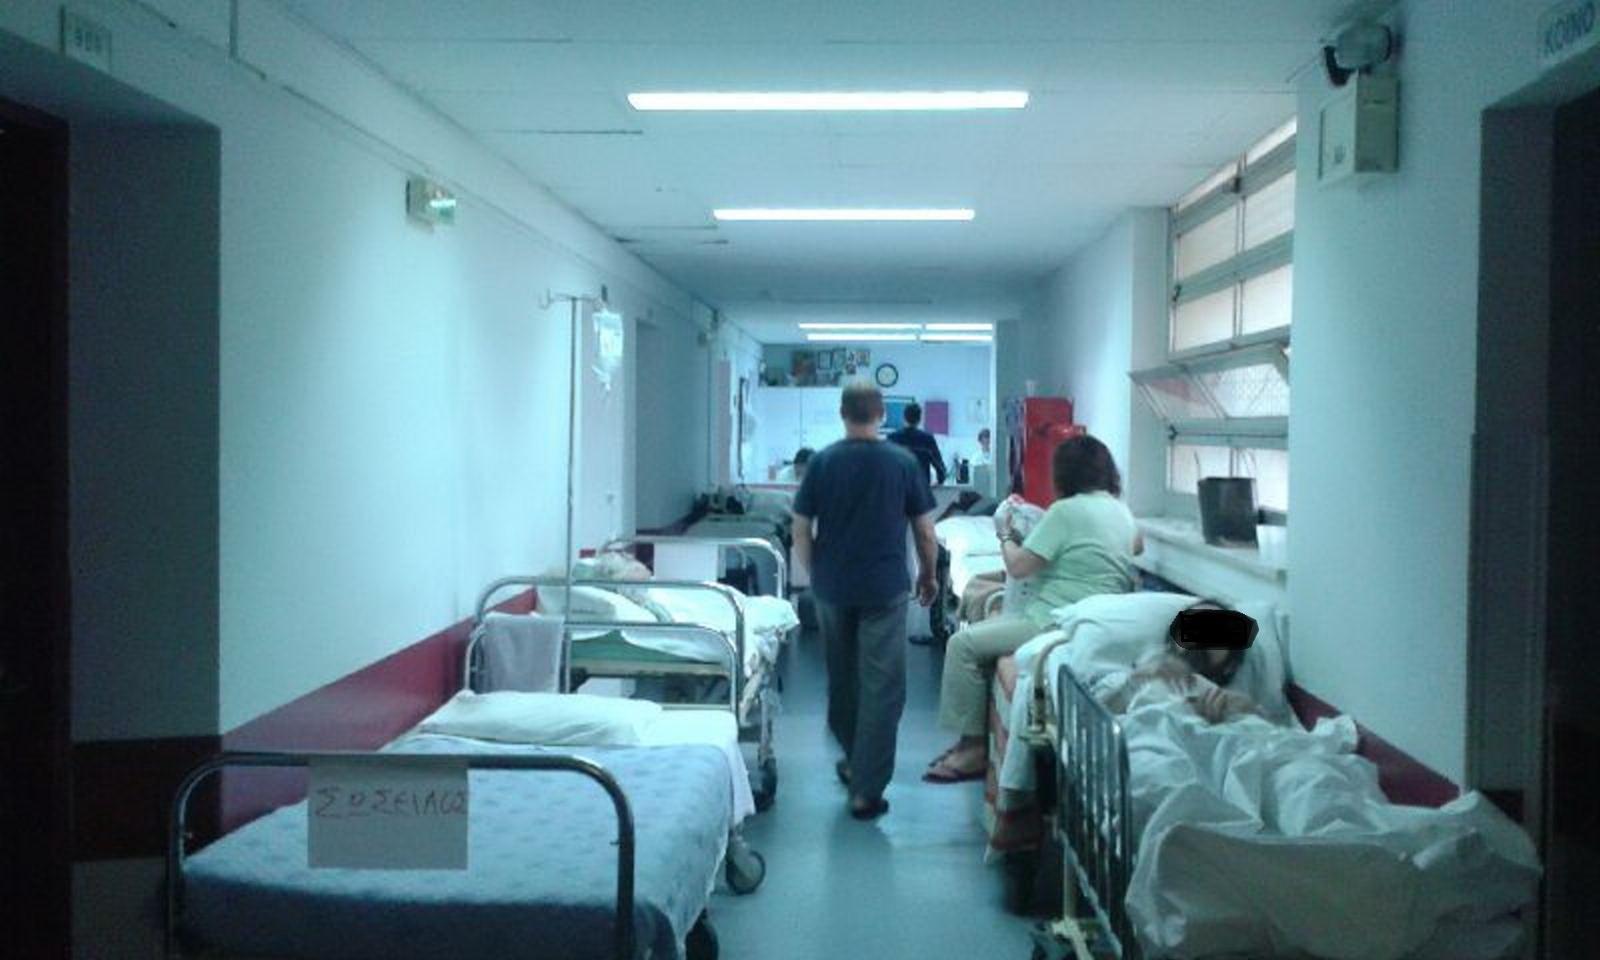 Μια μικρή Λέρος στην ψυχιατρική κλινική του Ευαγγελισμού! Εικόνες Ντροπής (φωτορεπορτάζ)